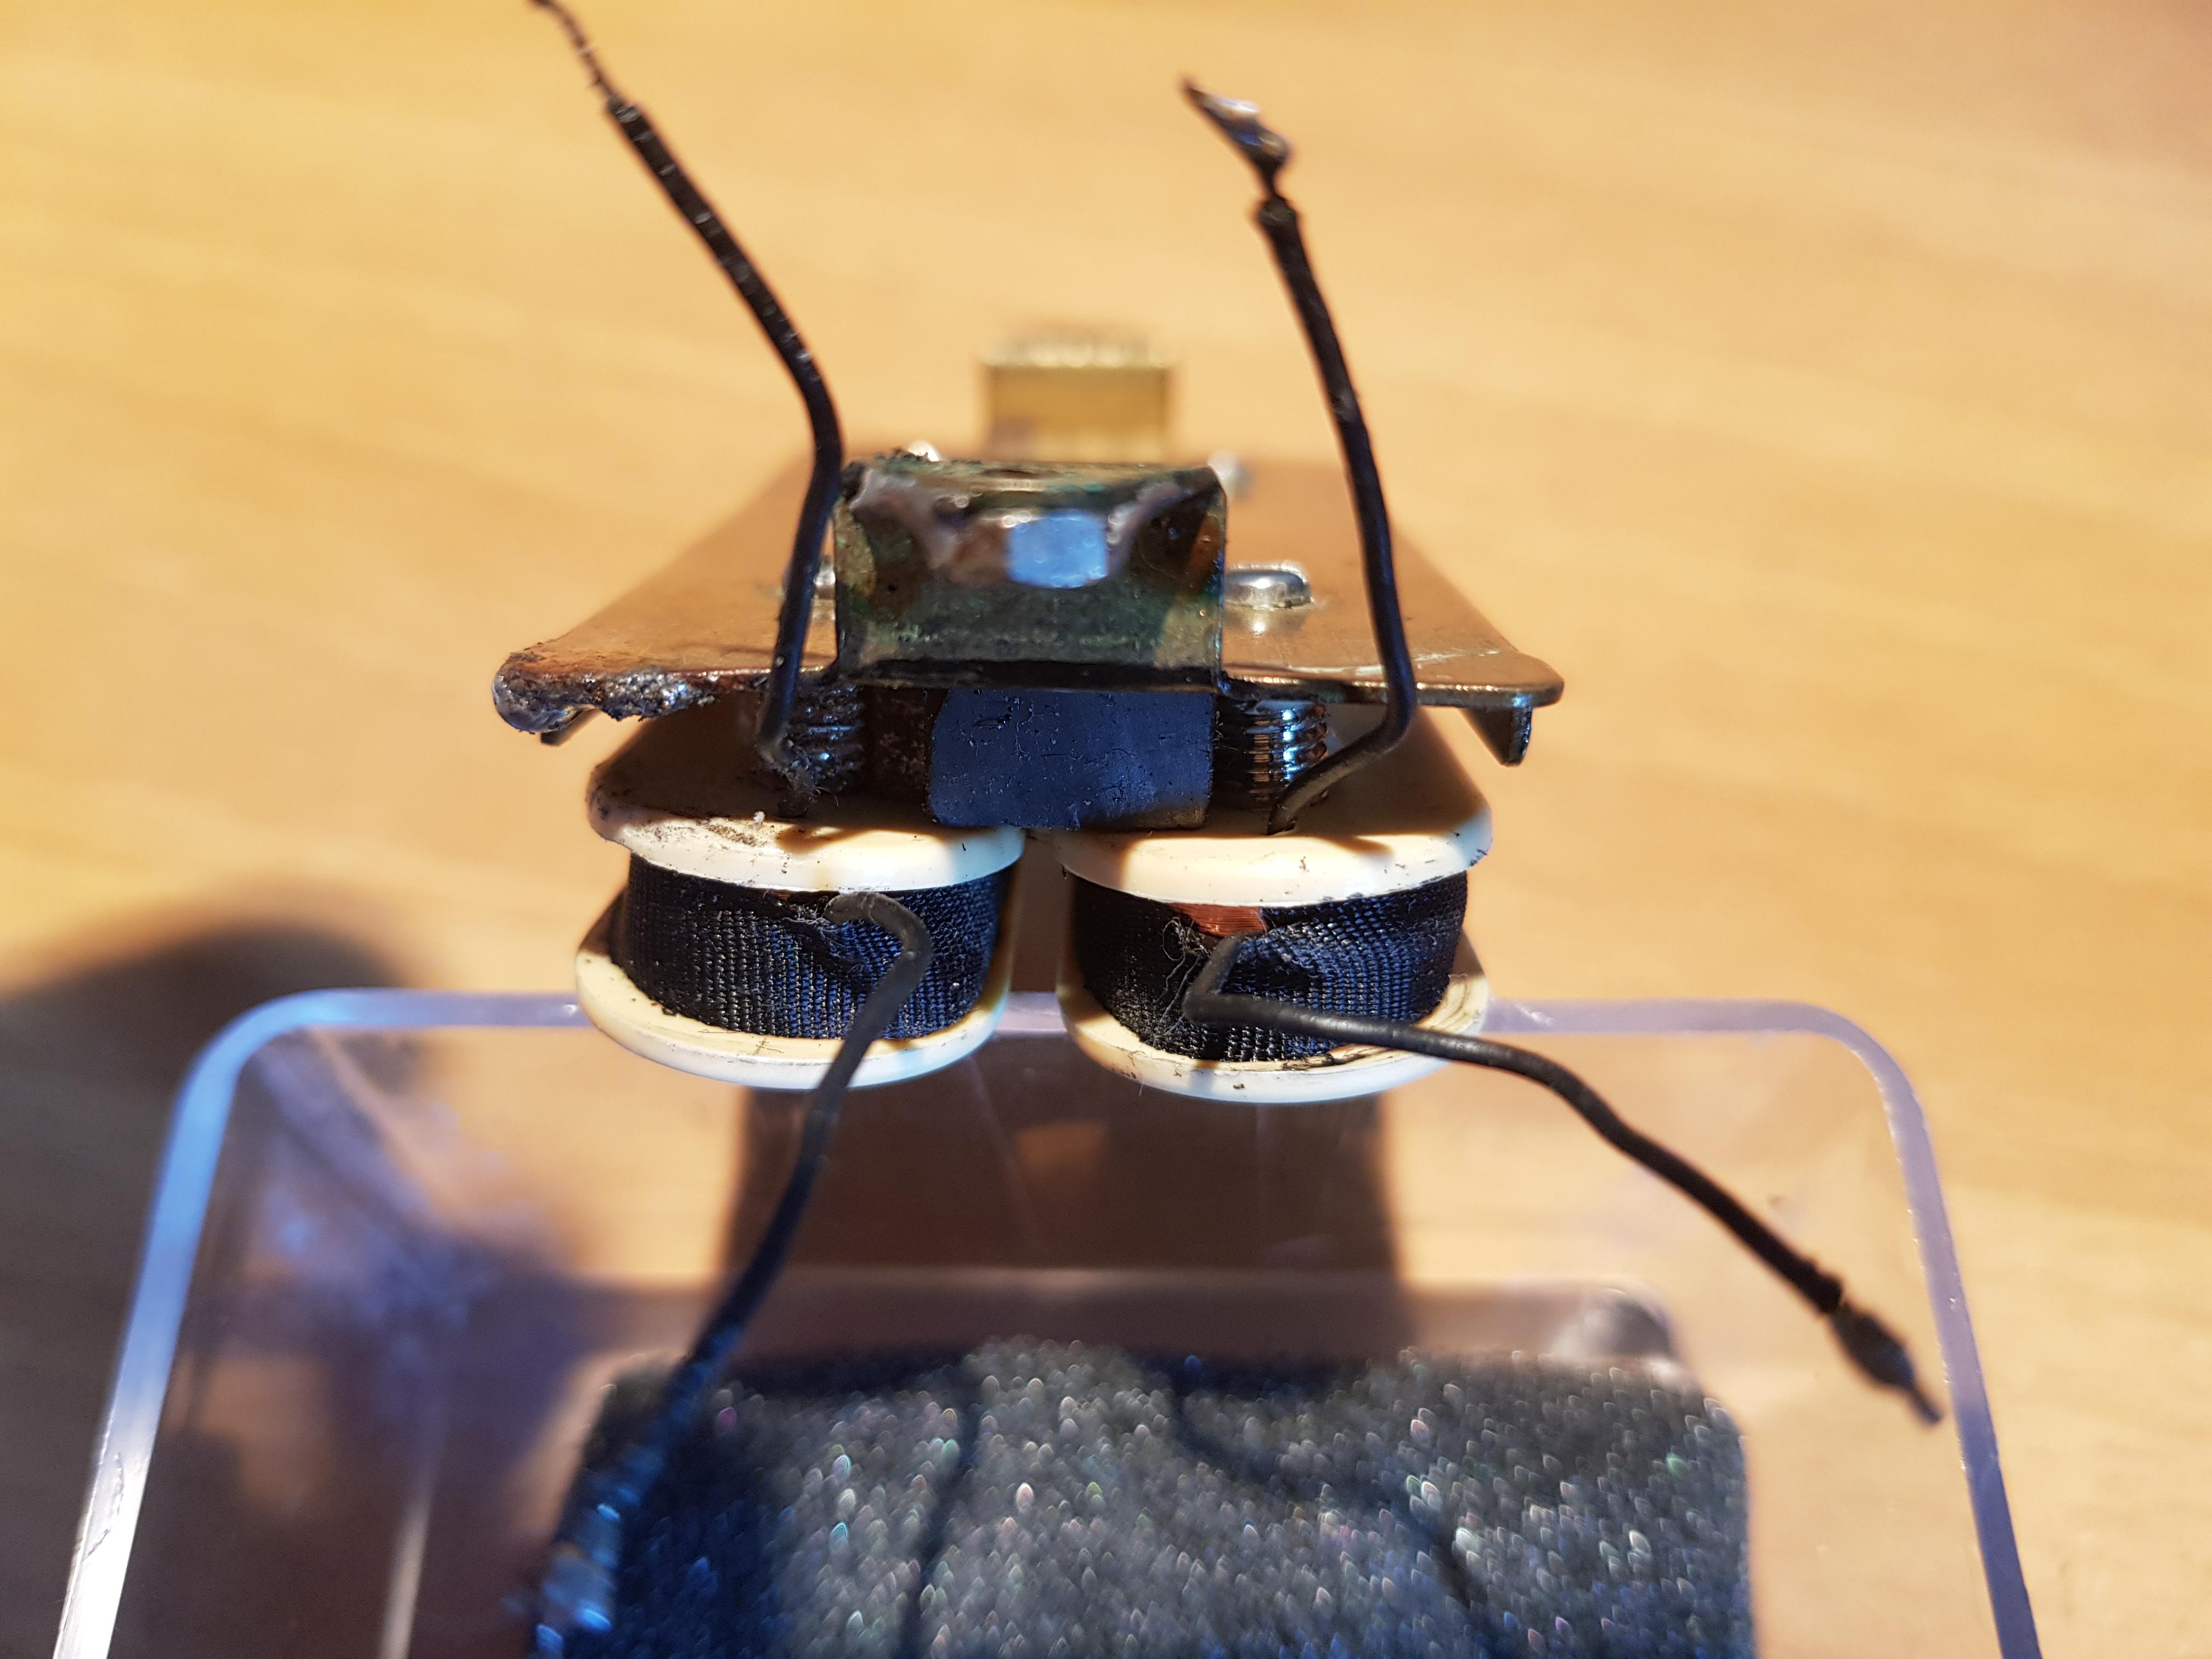 wiring Di Marzio Super Distortion